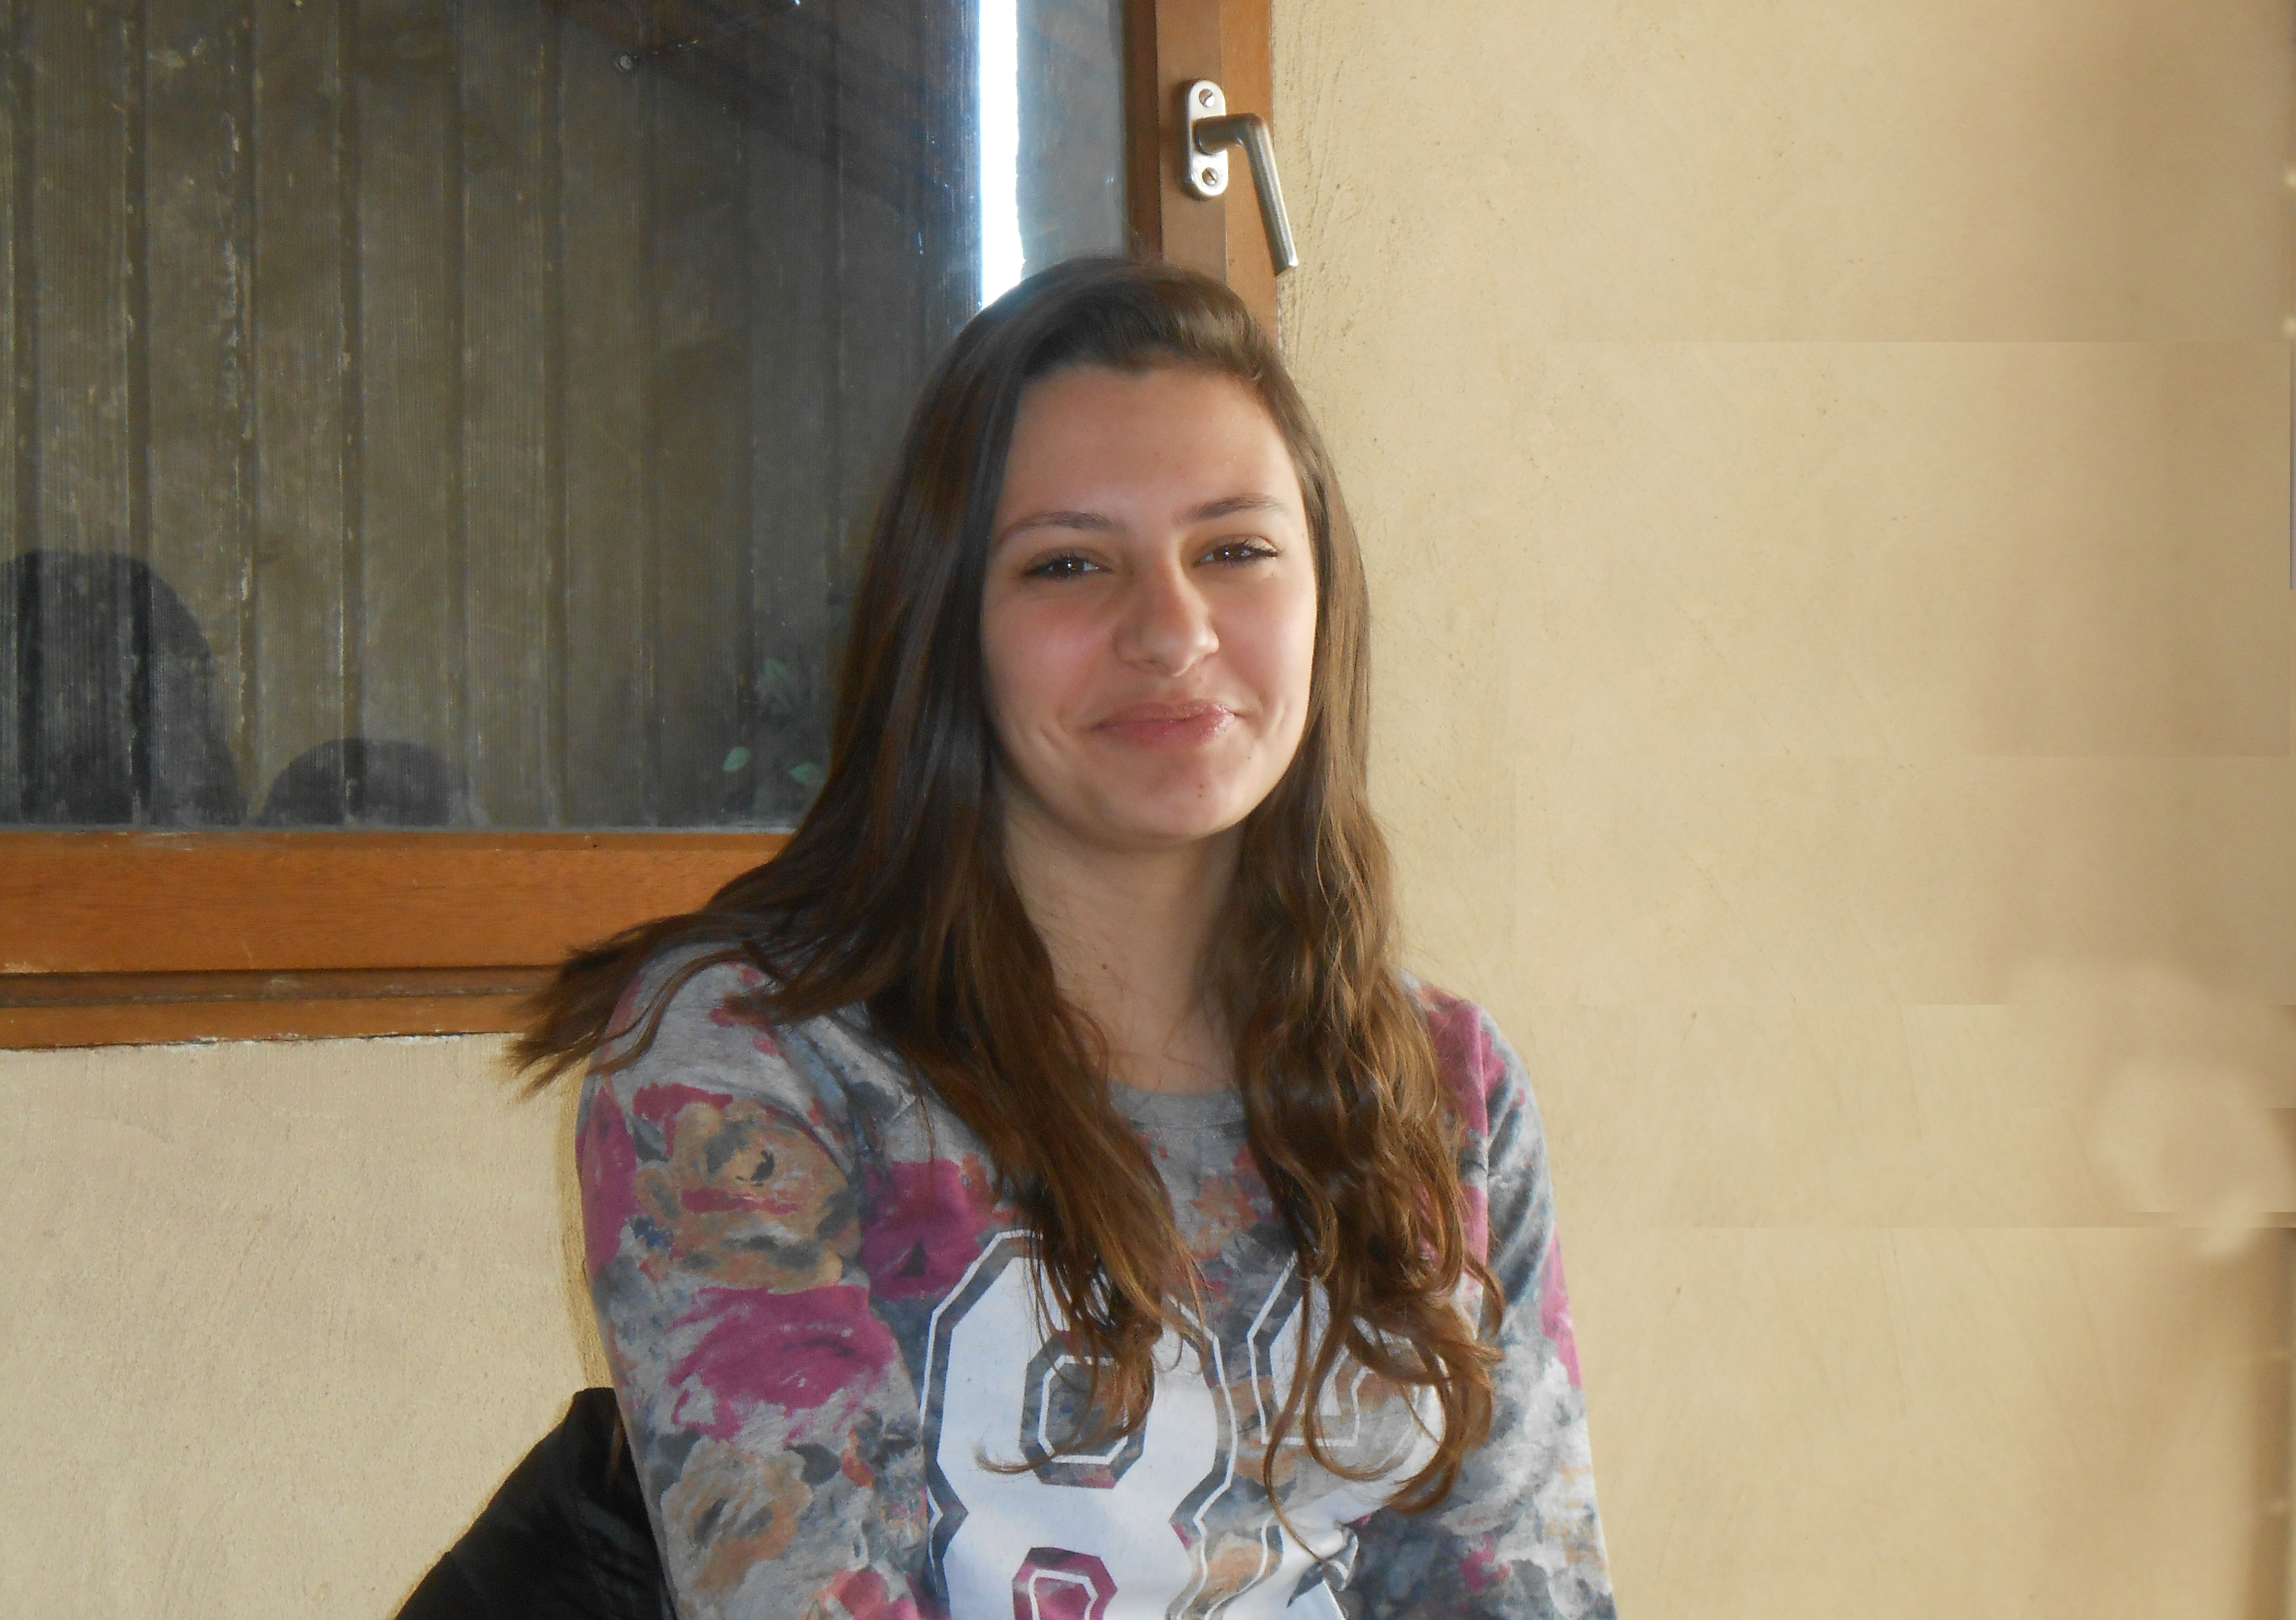 Elève de 2° au lycée Esclangon à Manosque, Noémie était en stage dans notre radio